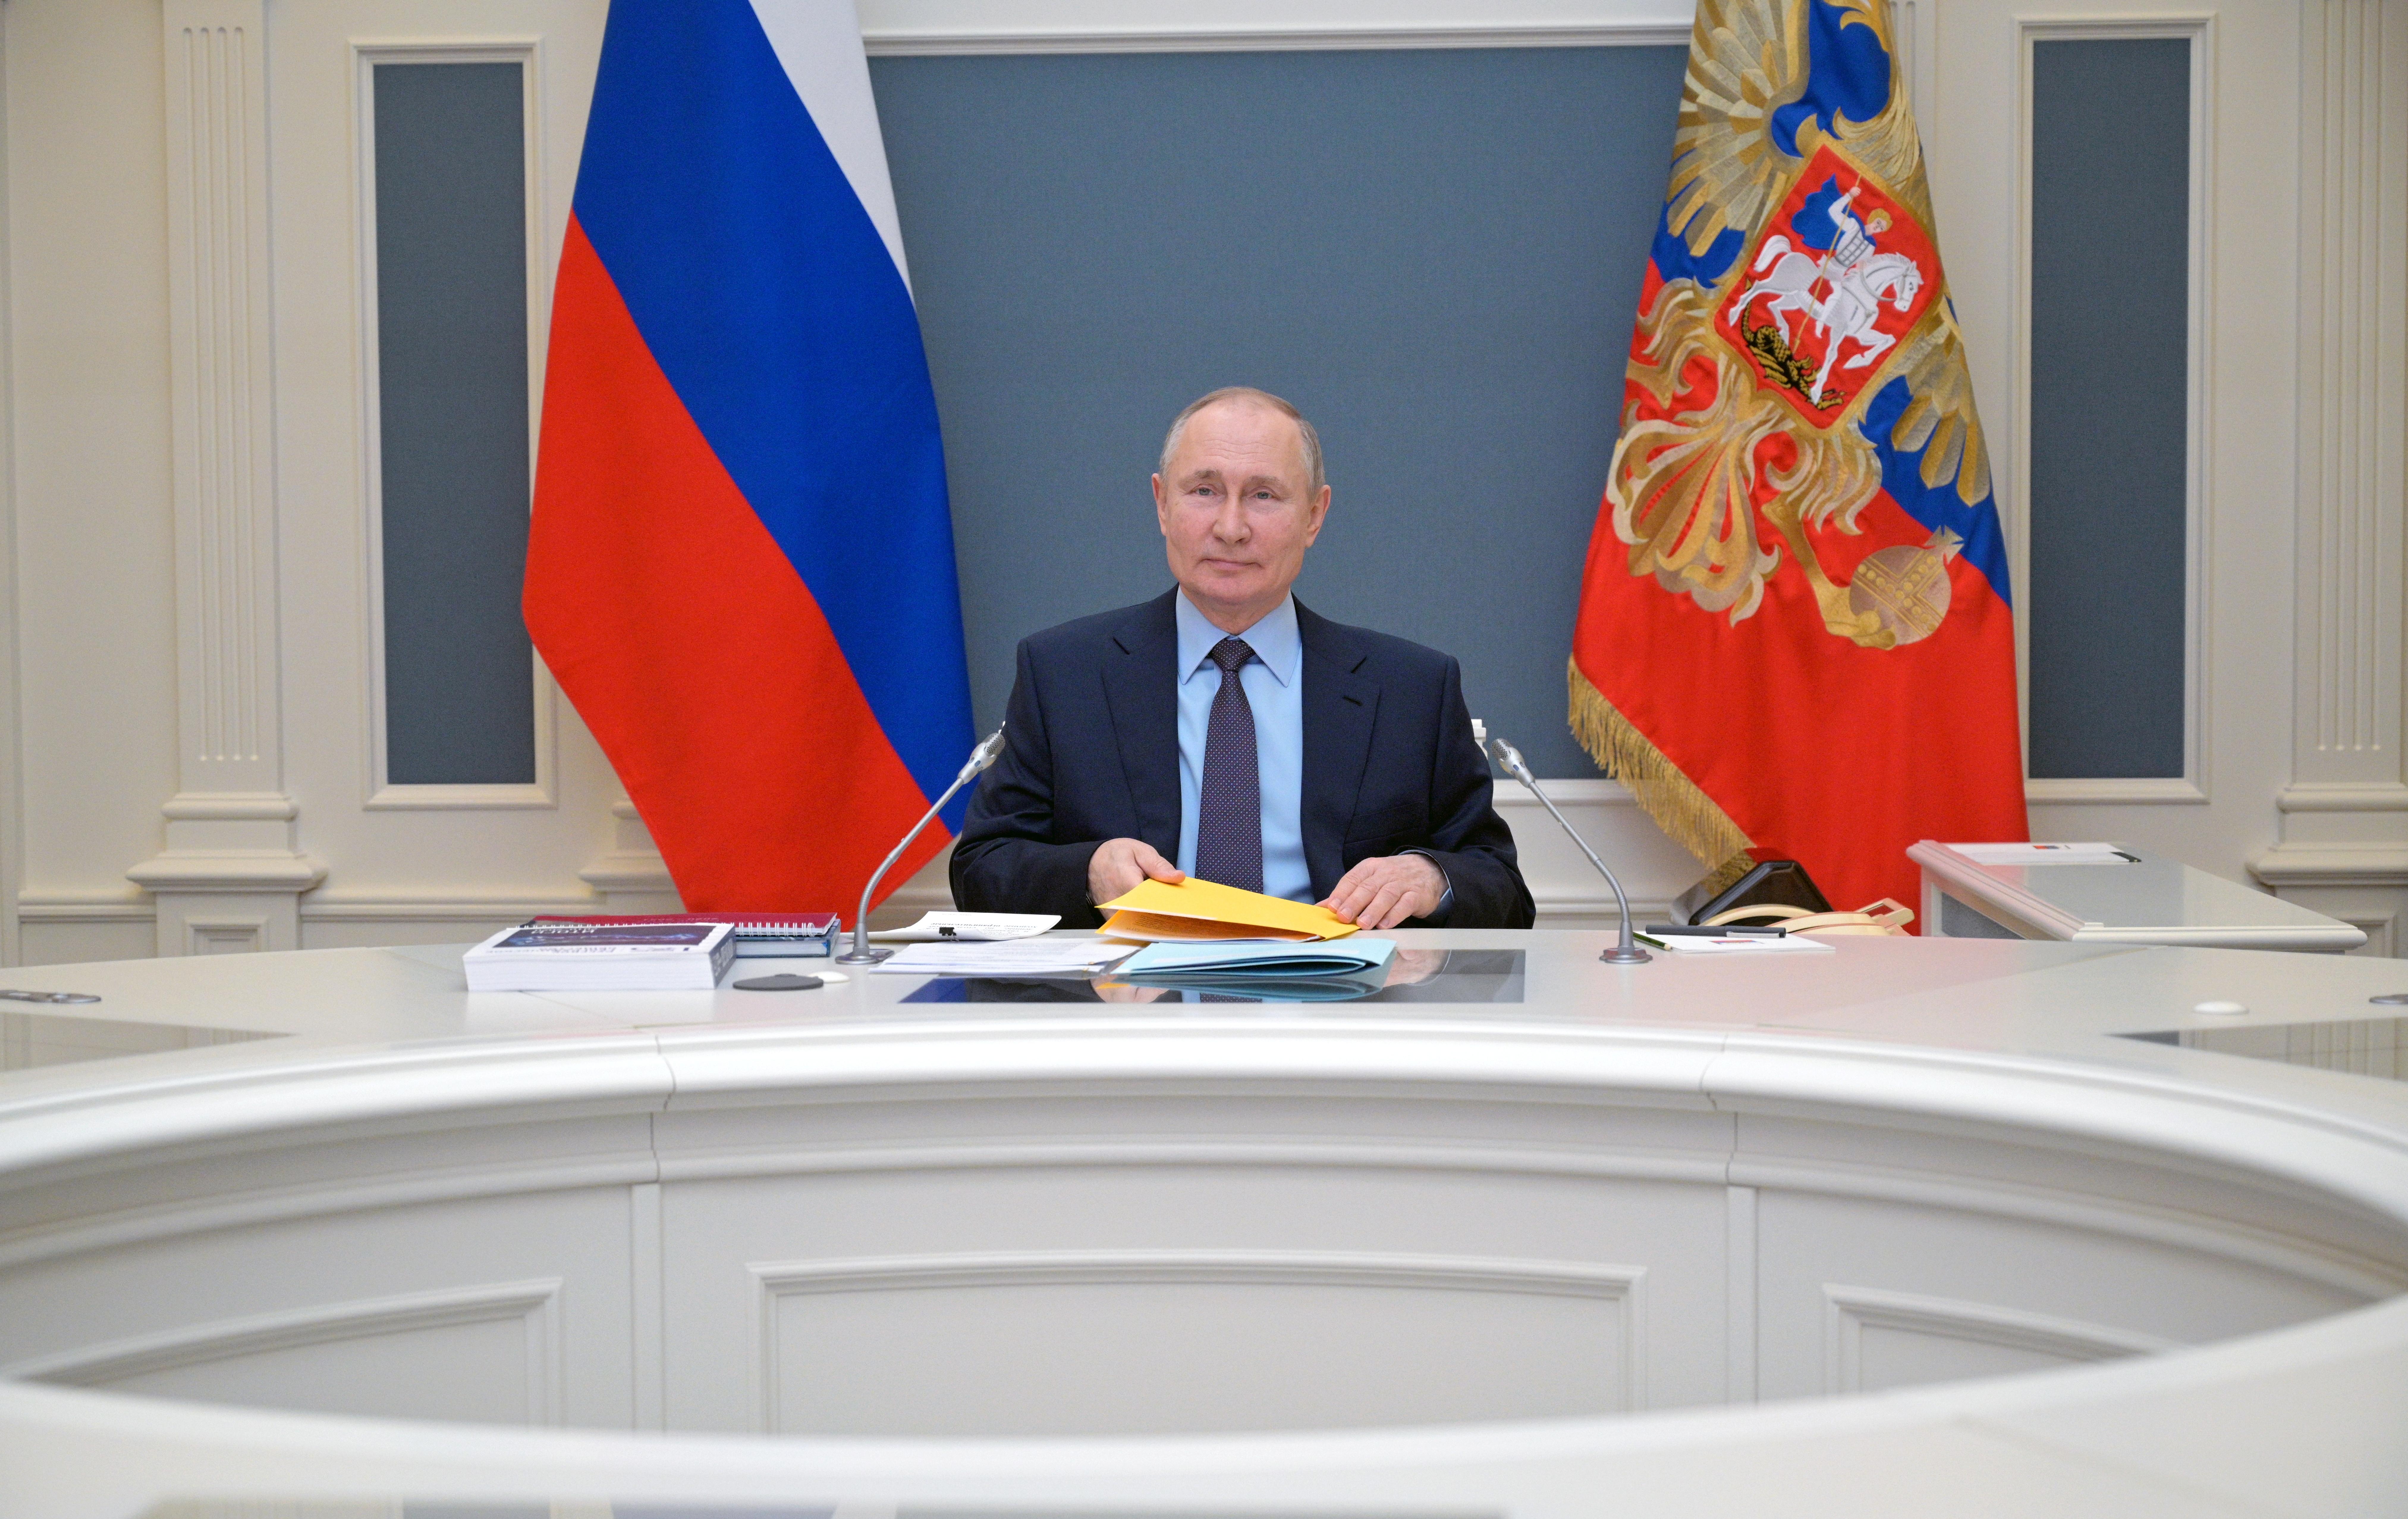 El presiden de Rusia, Vladimir Putin.